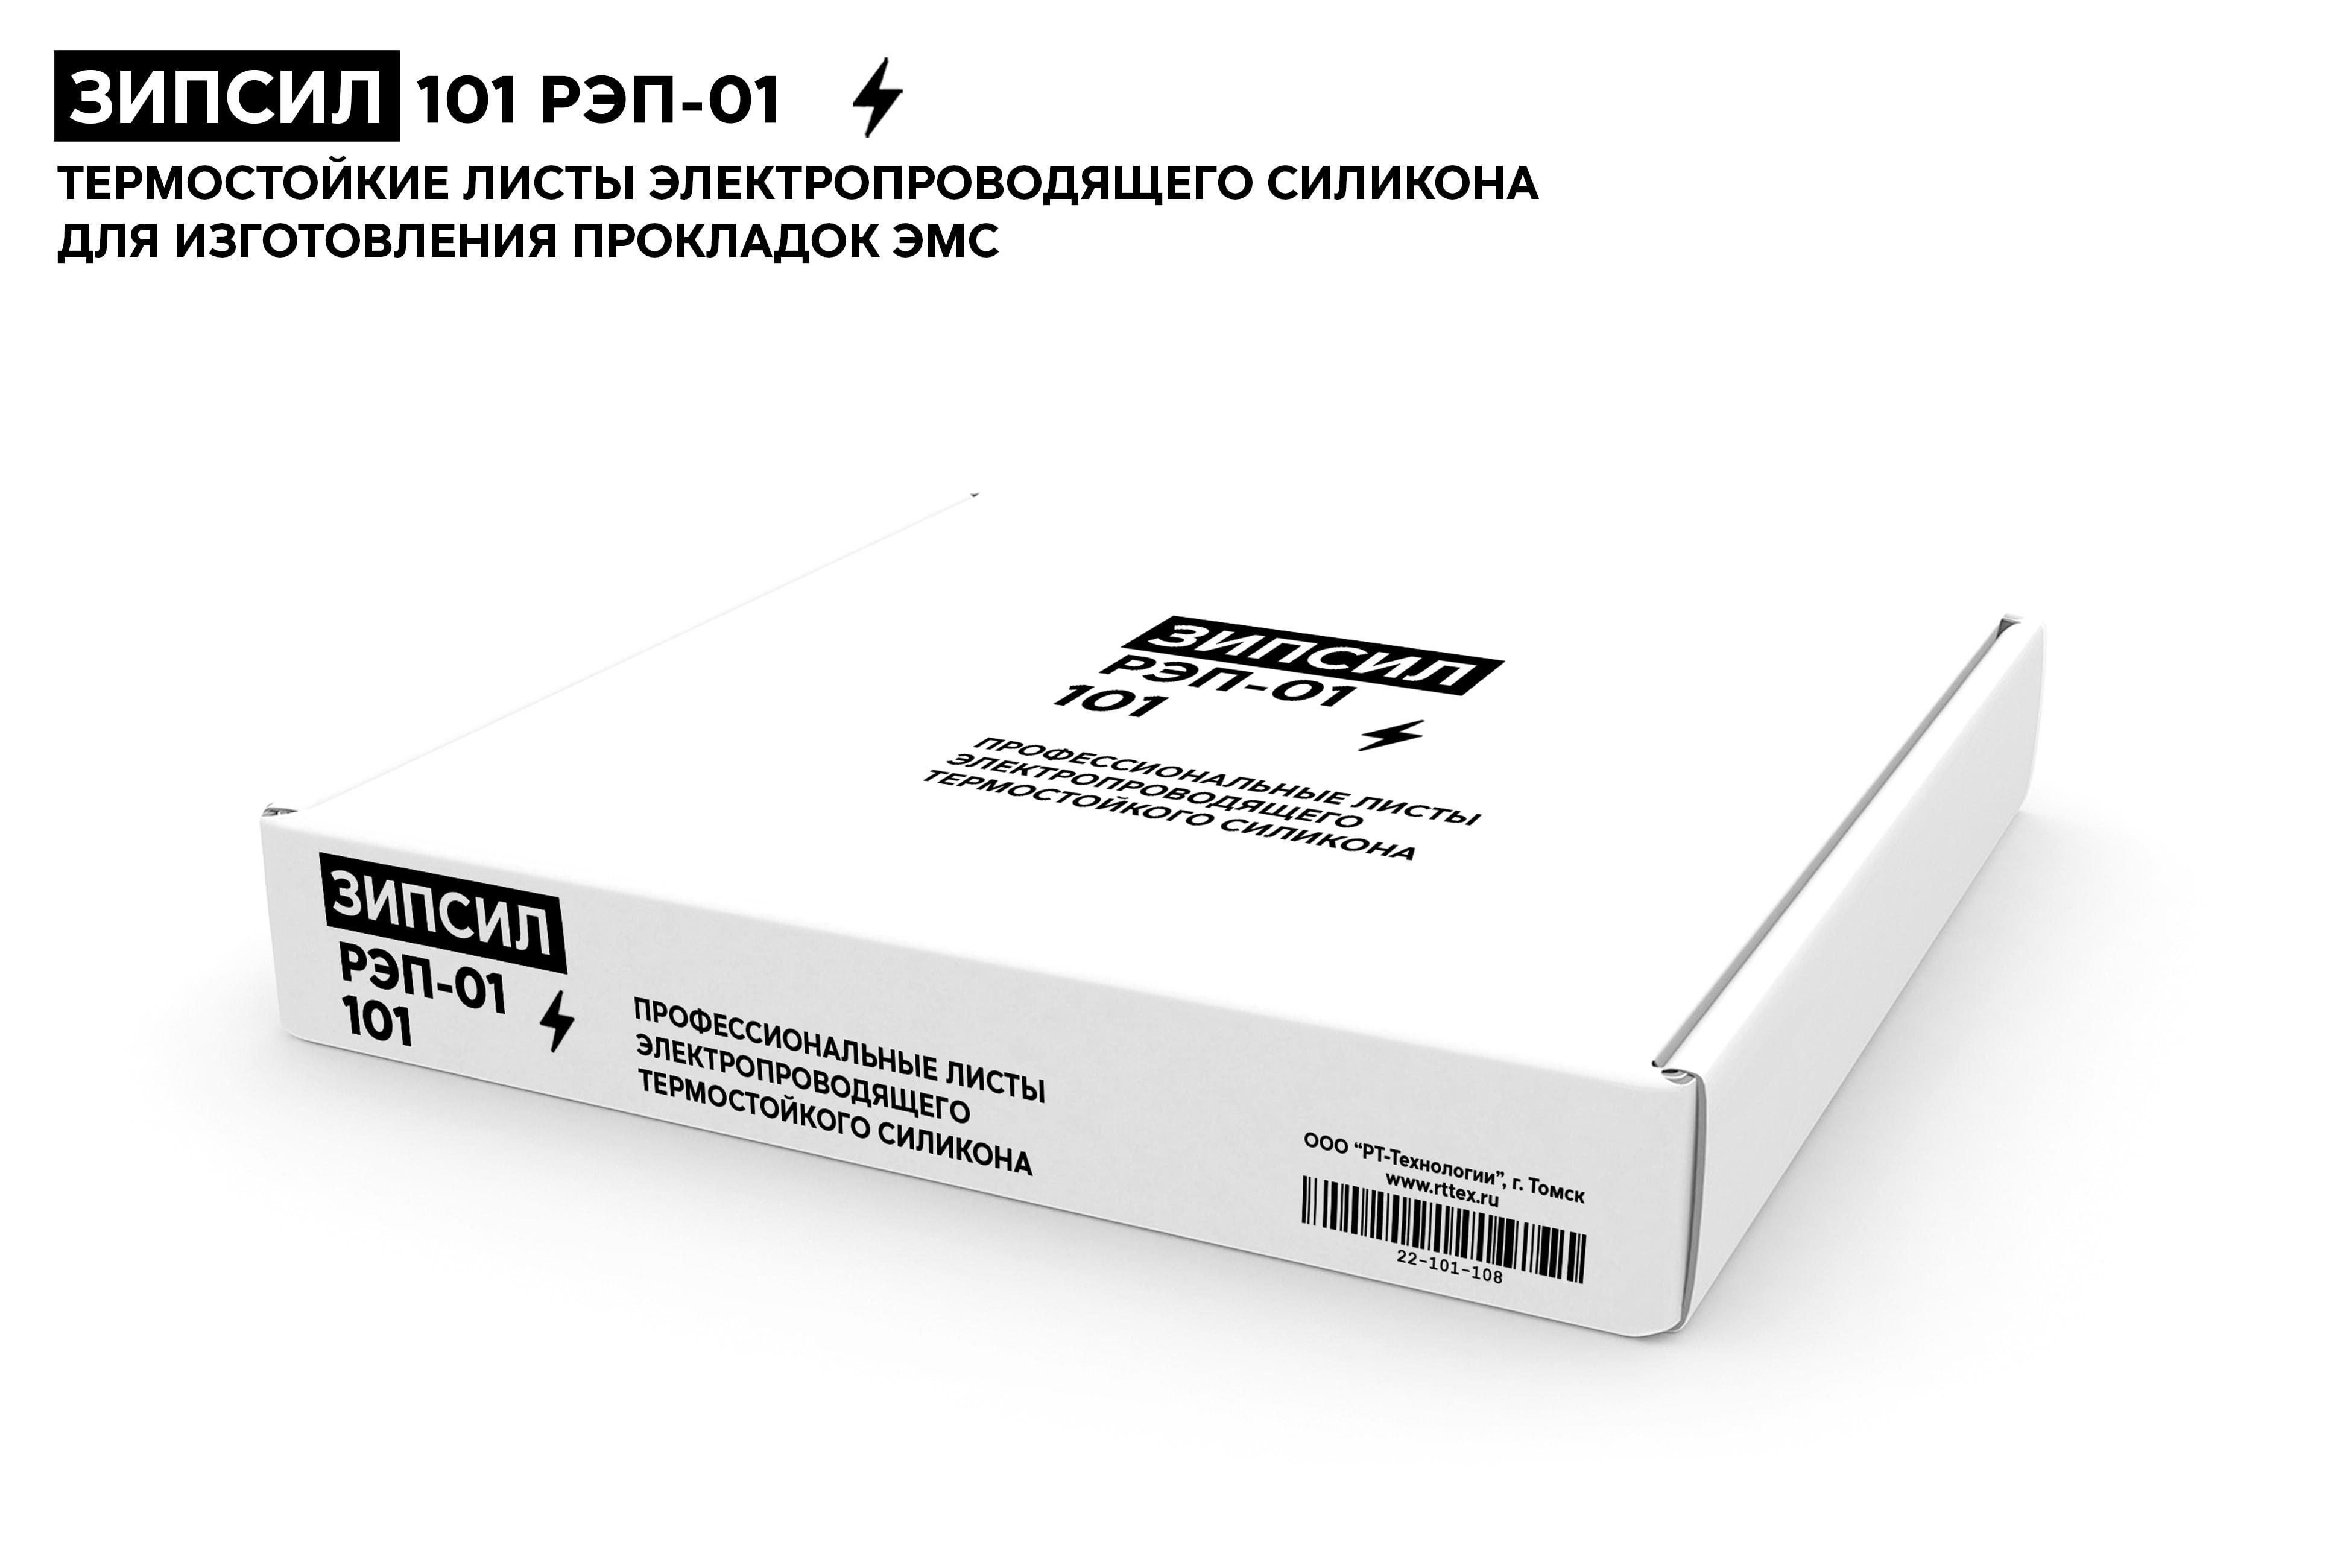 Листы профессиональной токопроводящей резины-эластомера ЗИПСИЛ 101 РЭП-01.